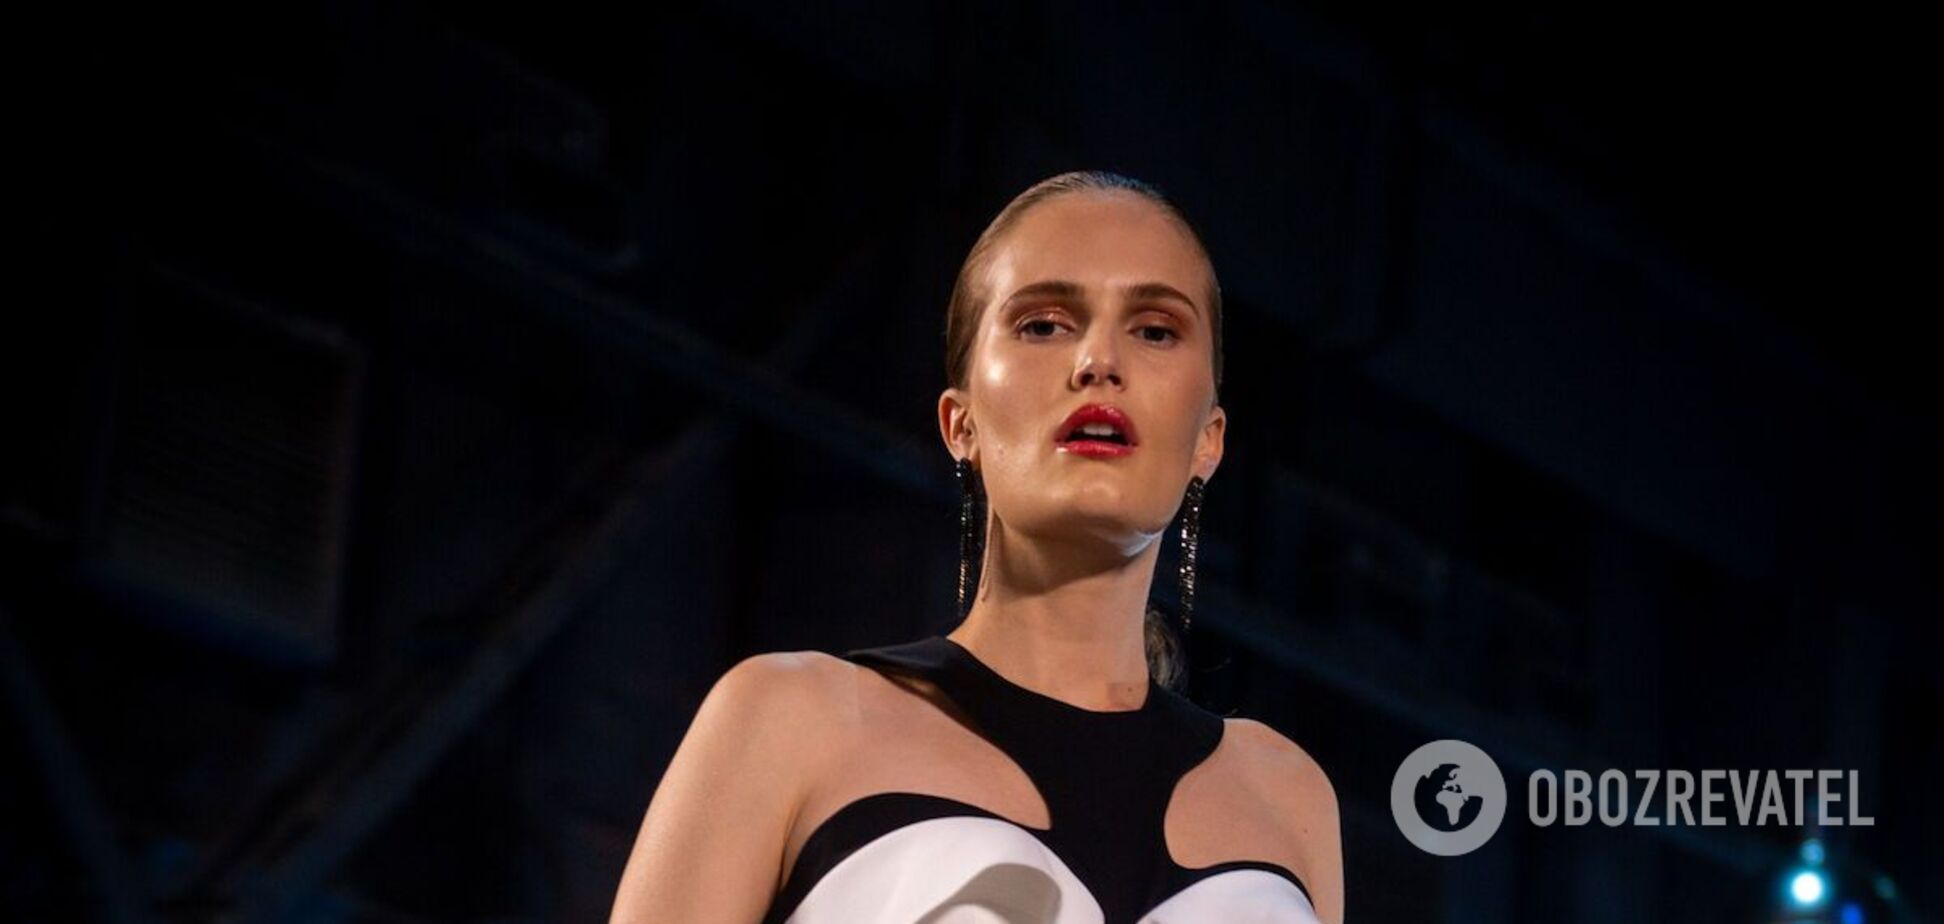 Костромичева рассказала о стереотипах вокруг моделей